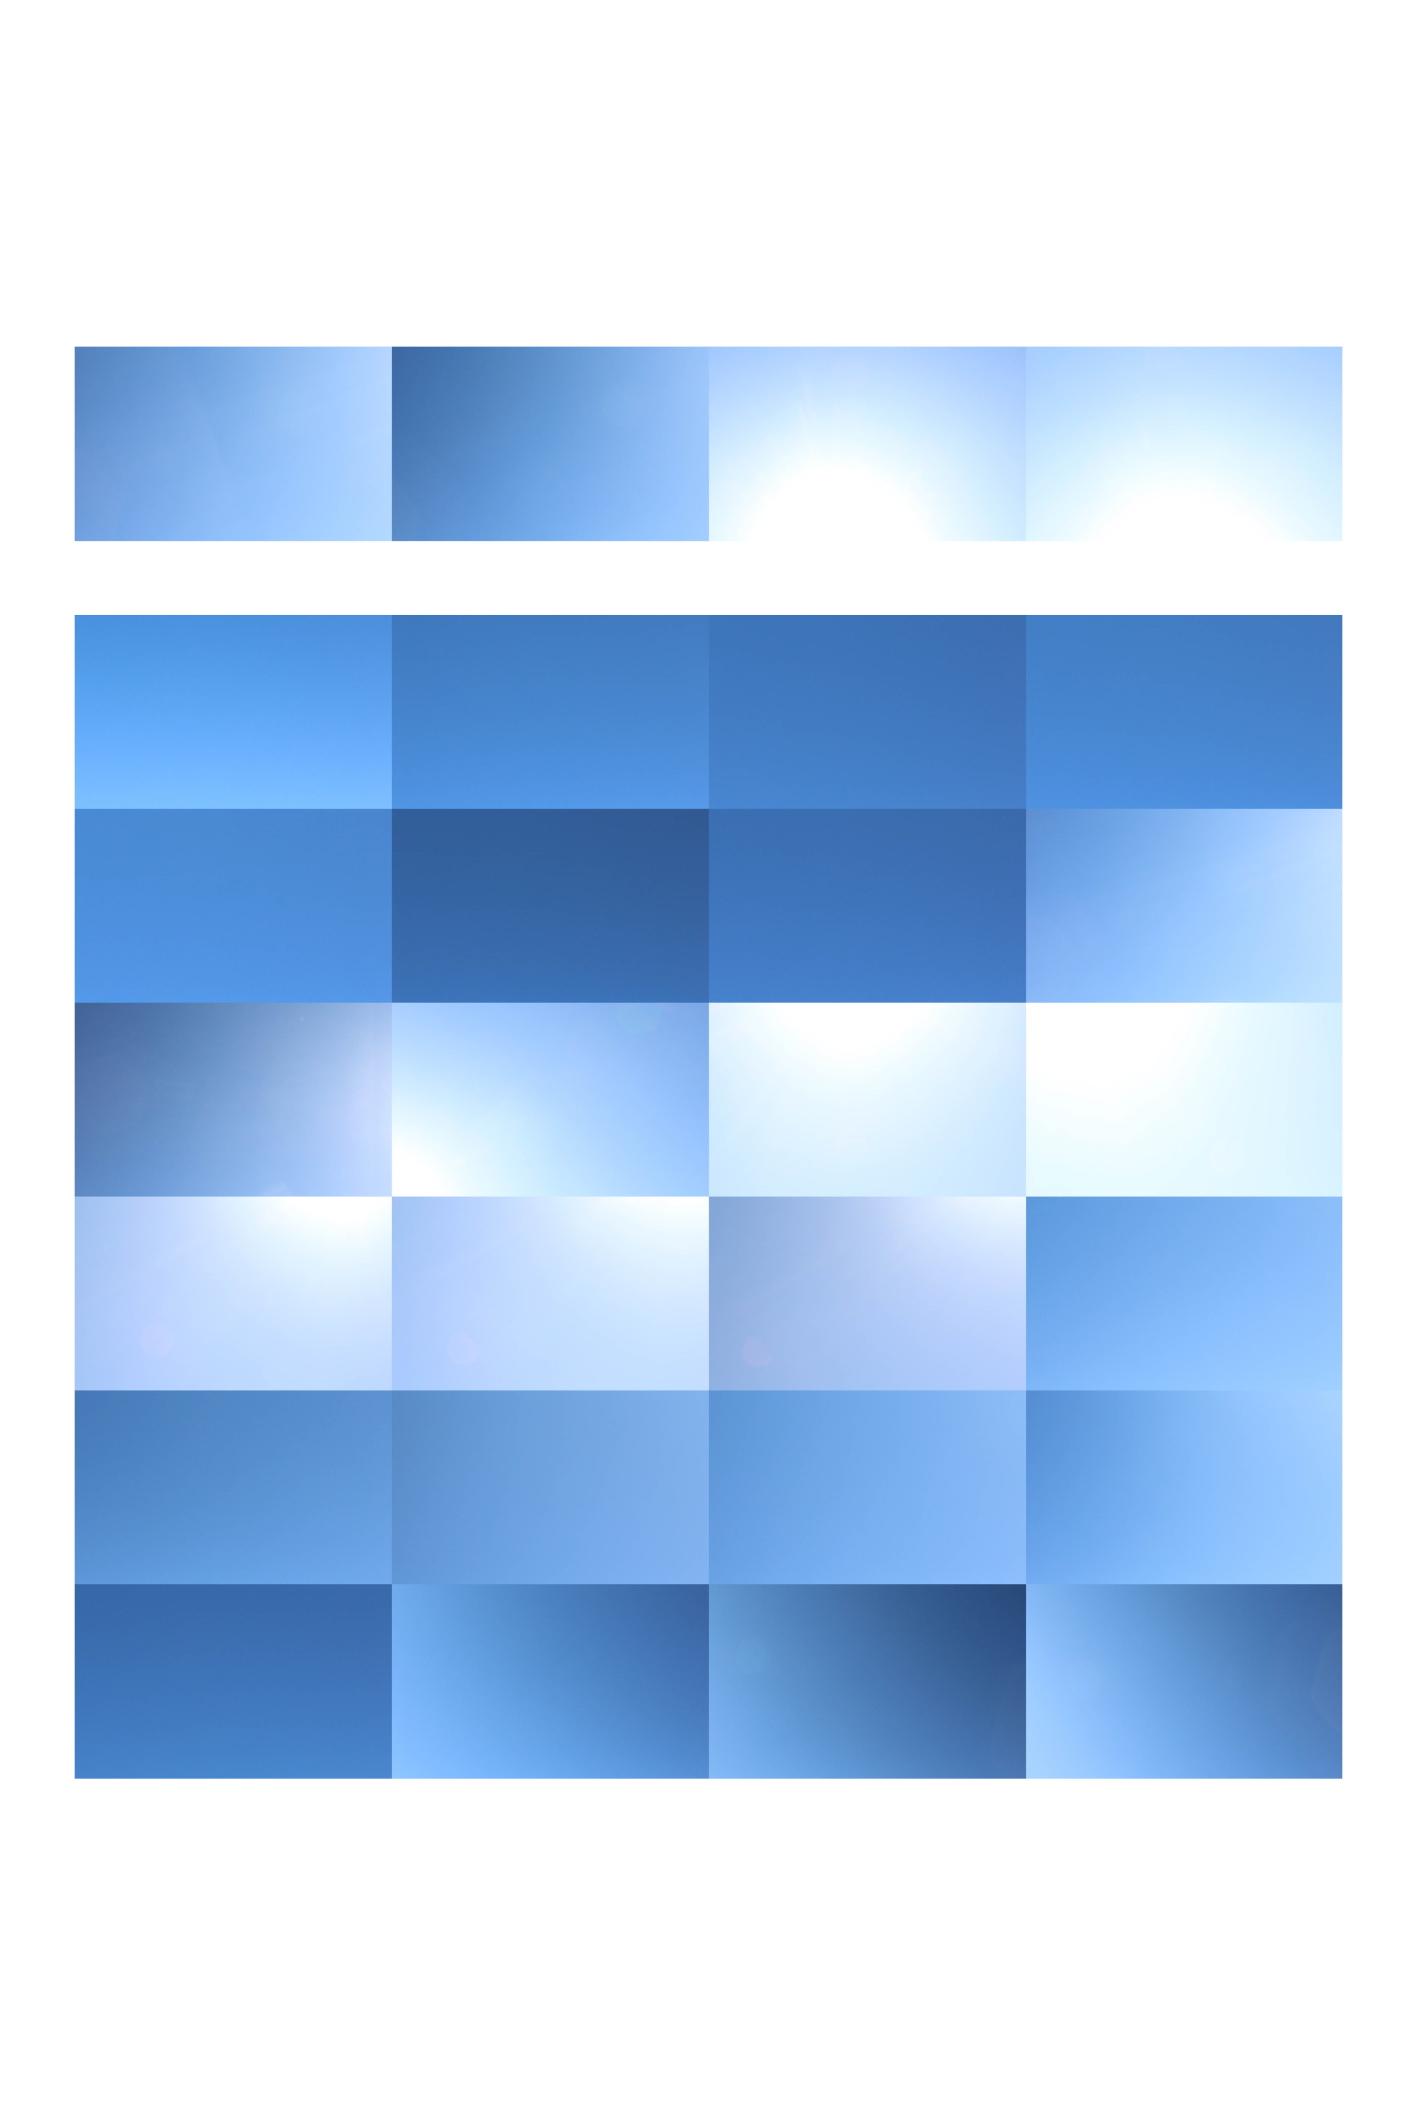 Markus Feiler - SKY BLUE 5_Künstler_artist_Kunst_art